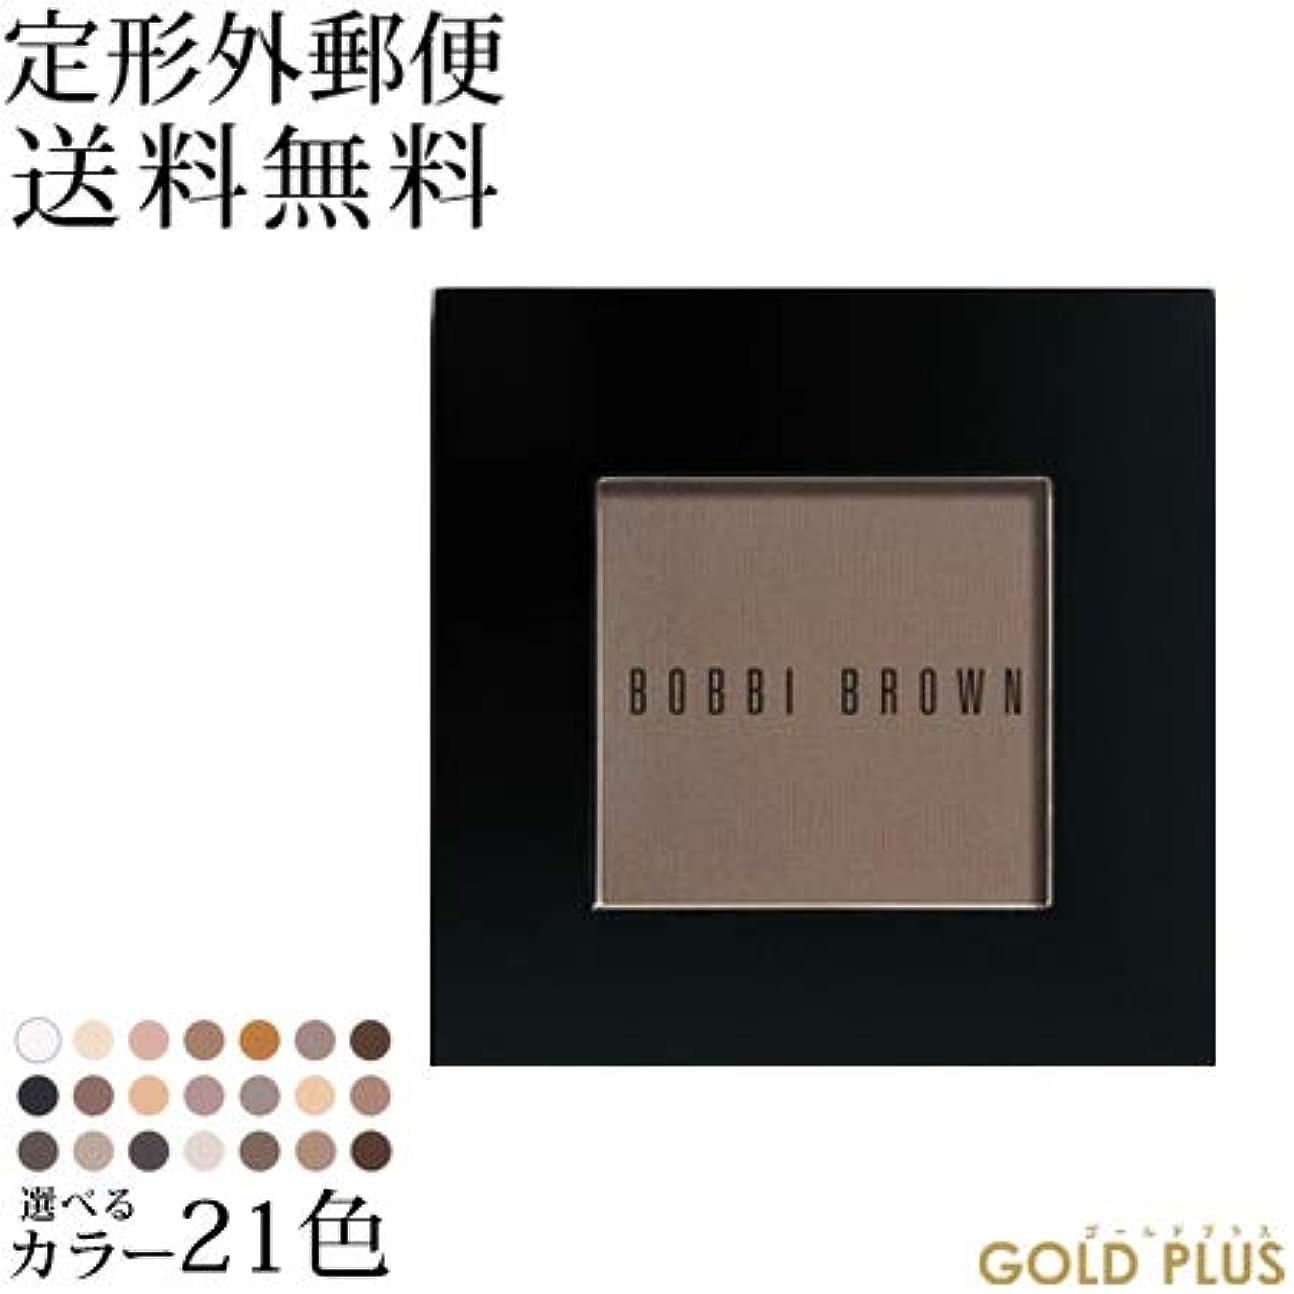 生き返らせる壁指令ボビイブラウン アイシャドウ 選べる全21色 -BOBBI BROWN- リッチブラウン